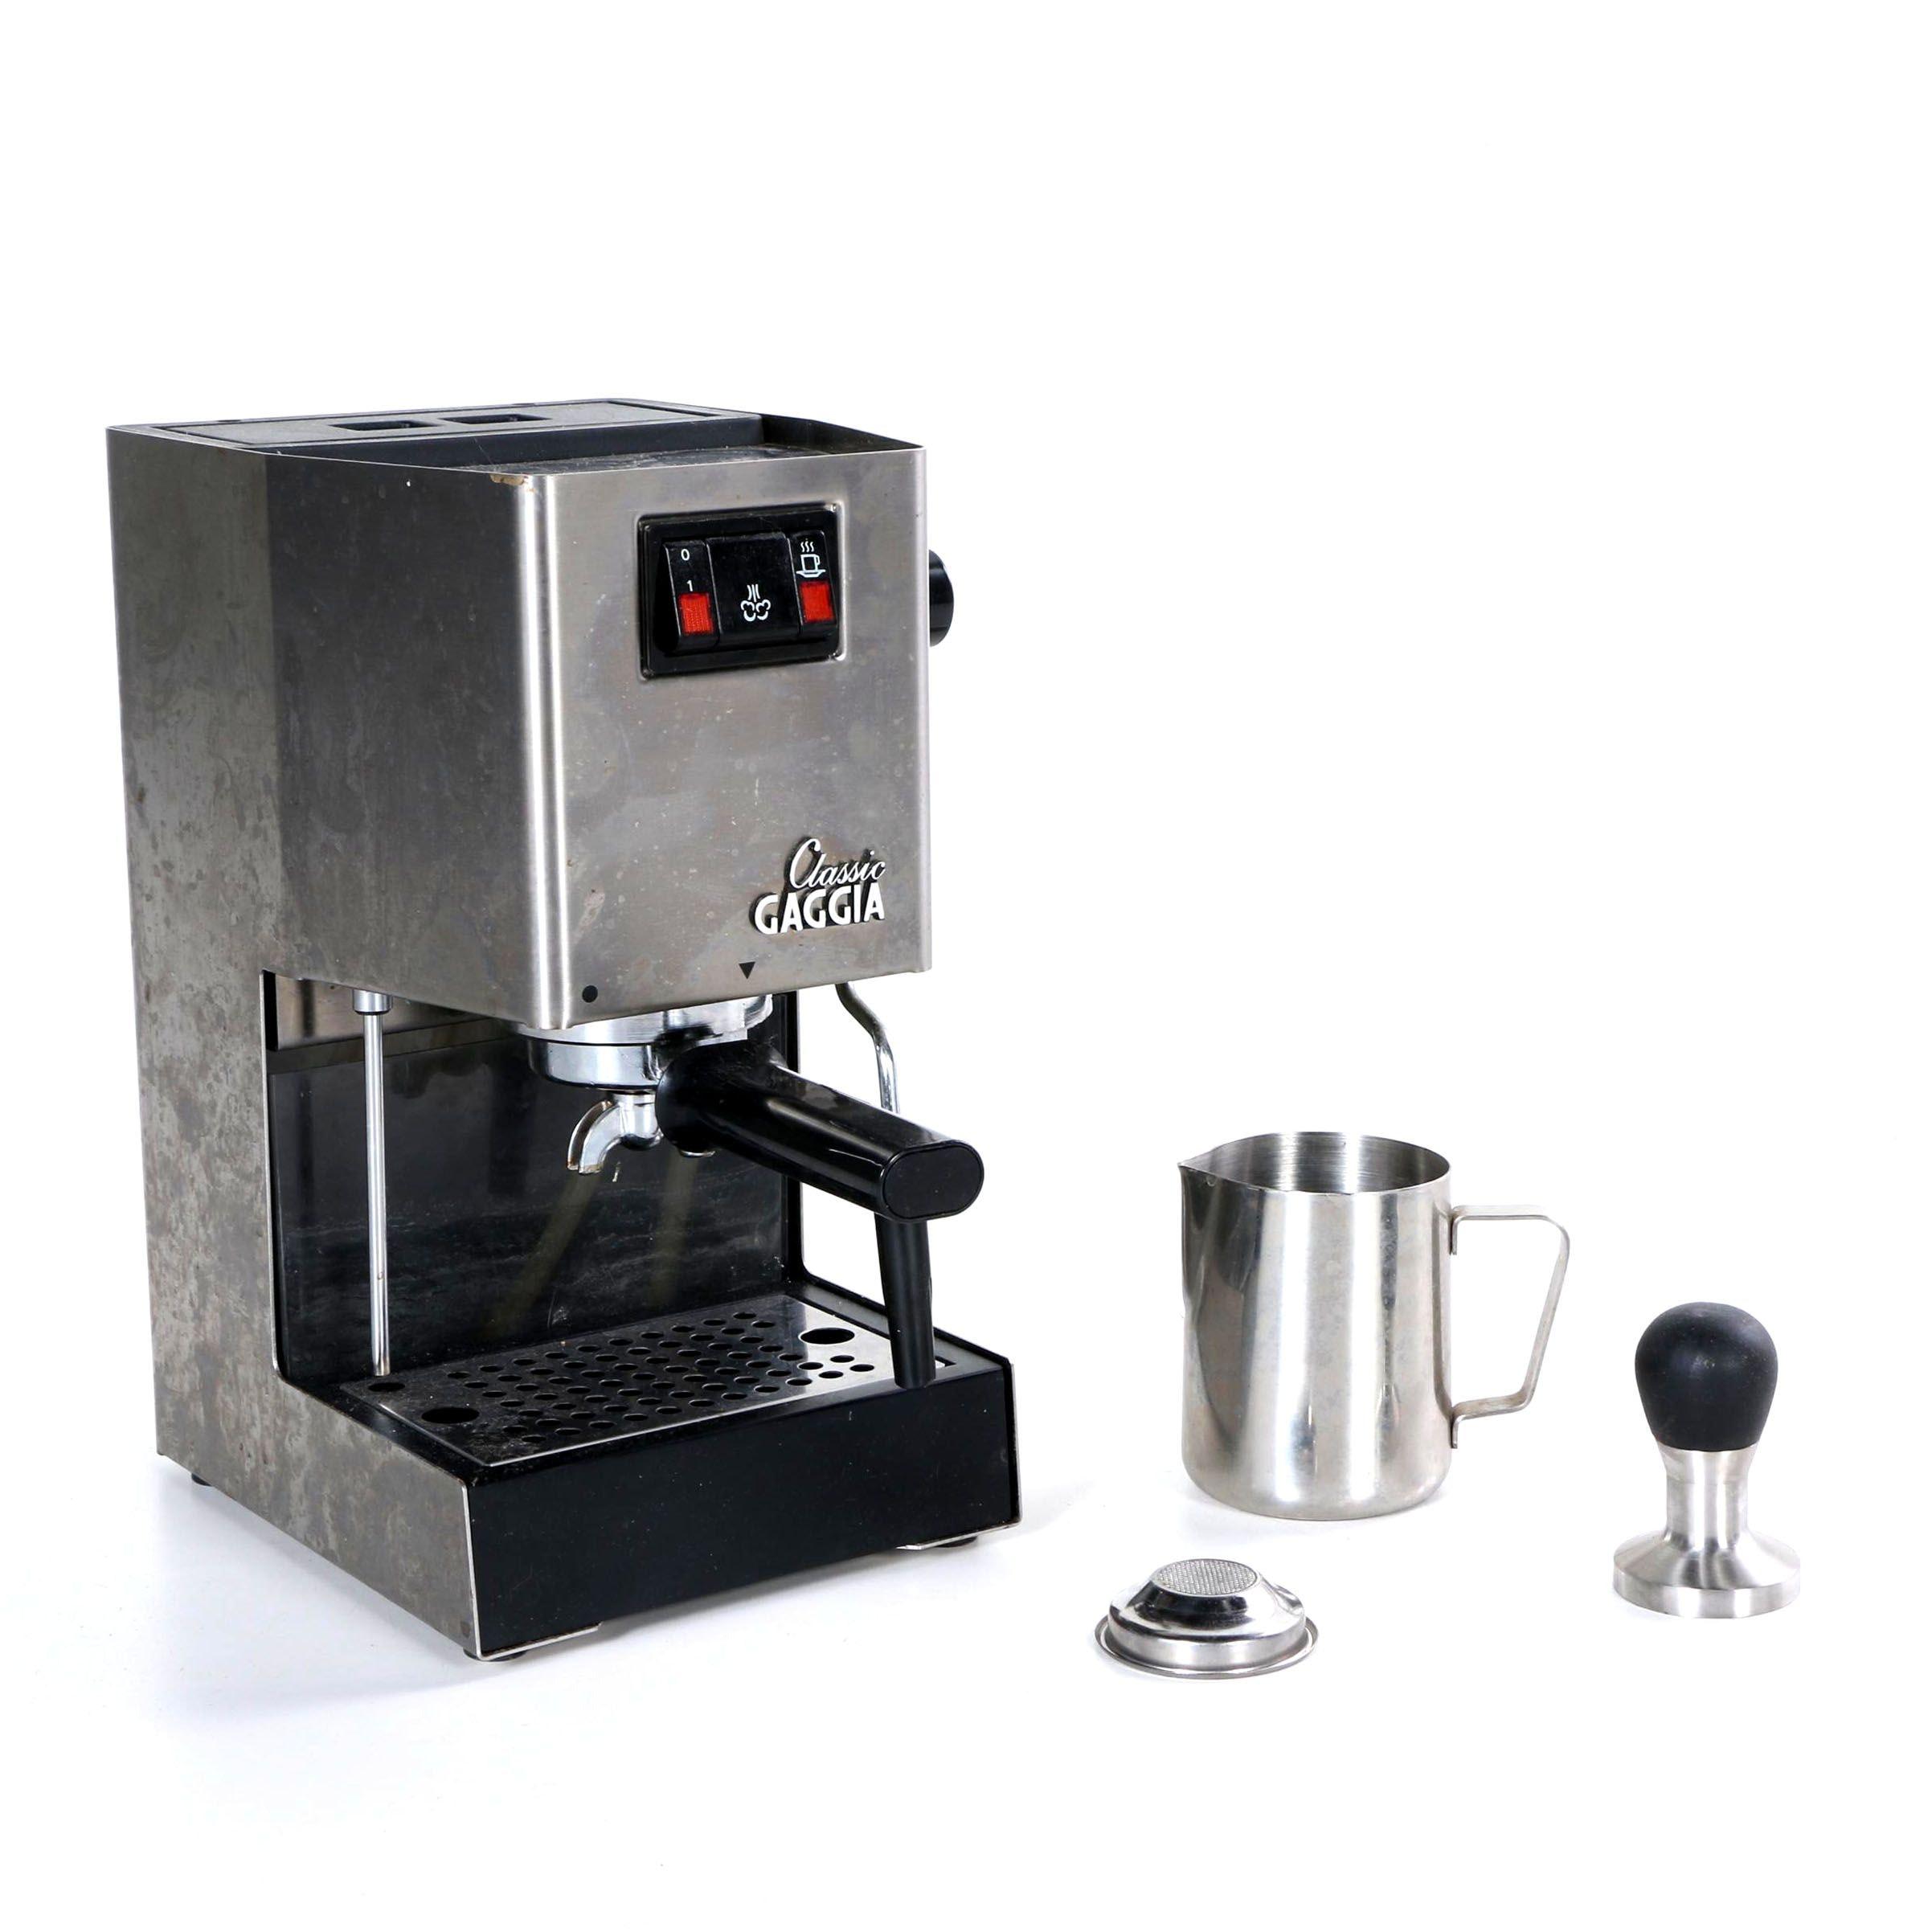 Classic Gaggia Espresso Machine